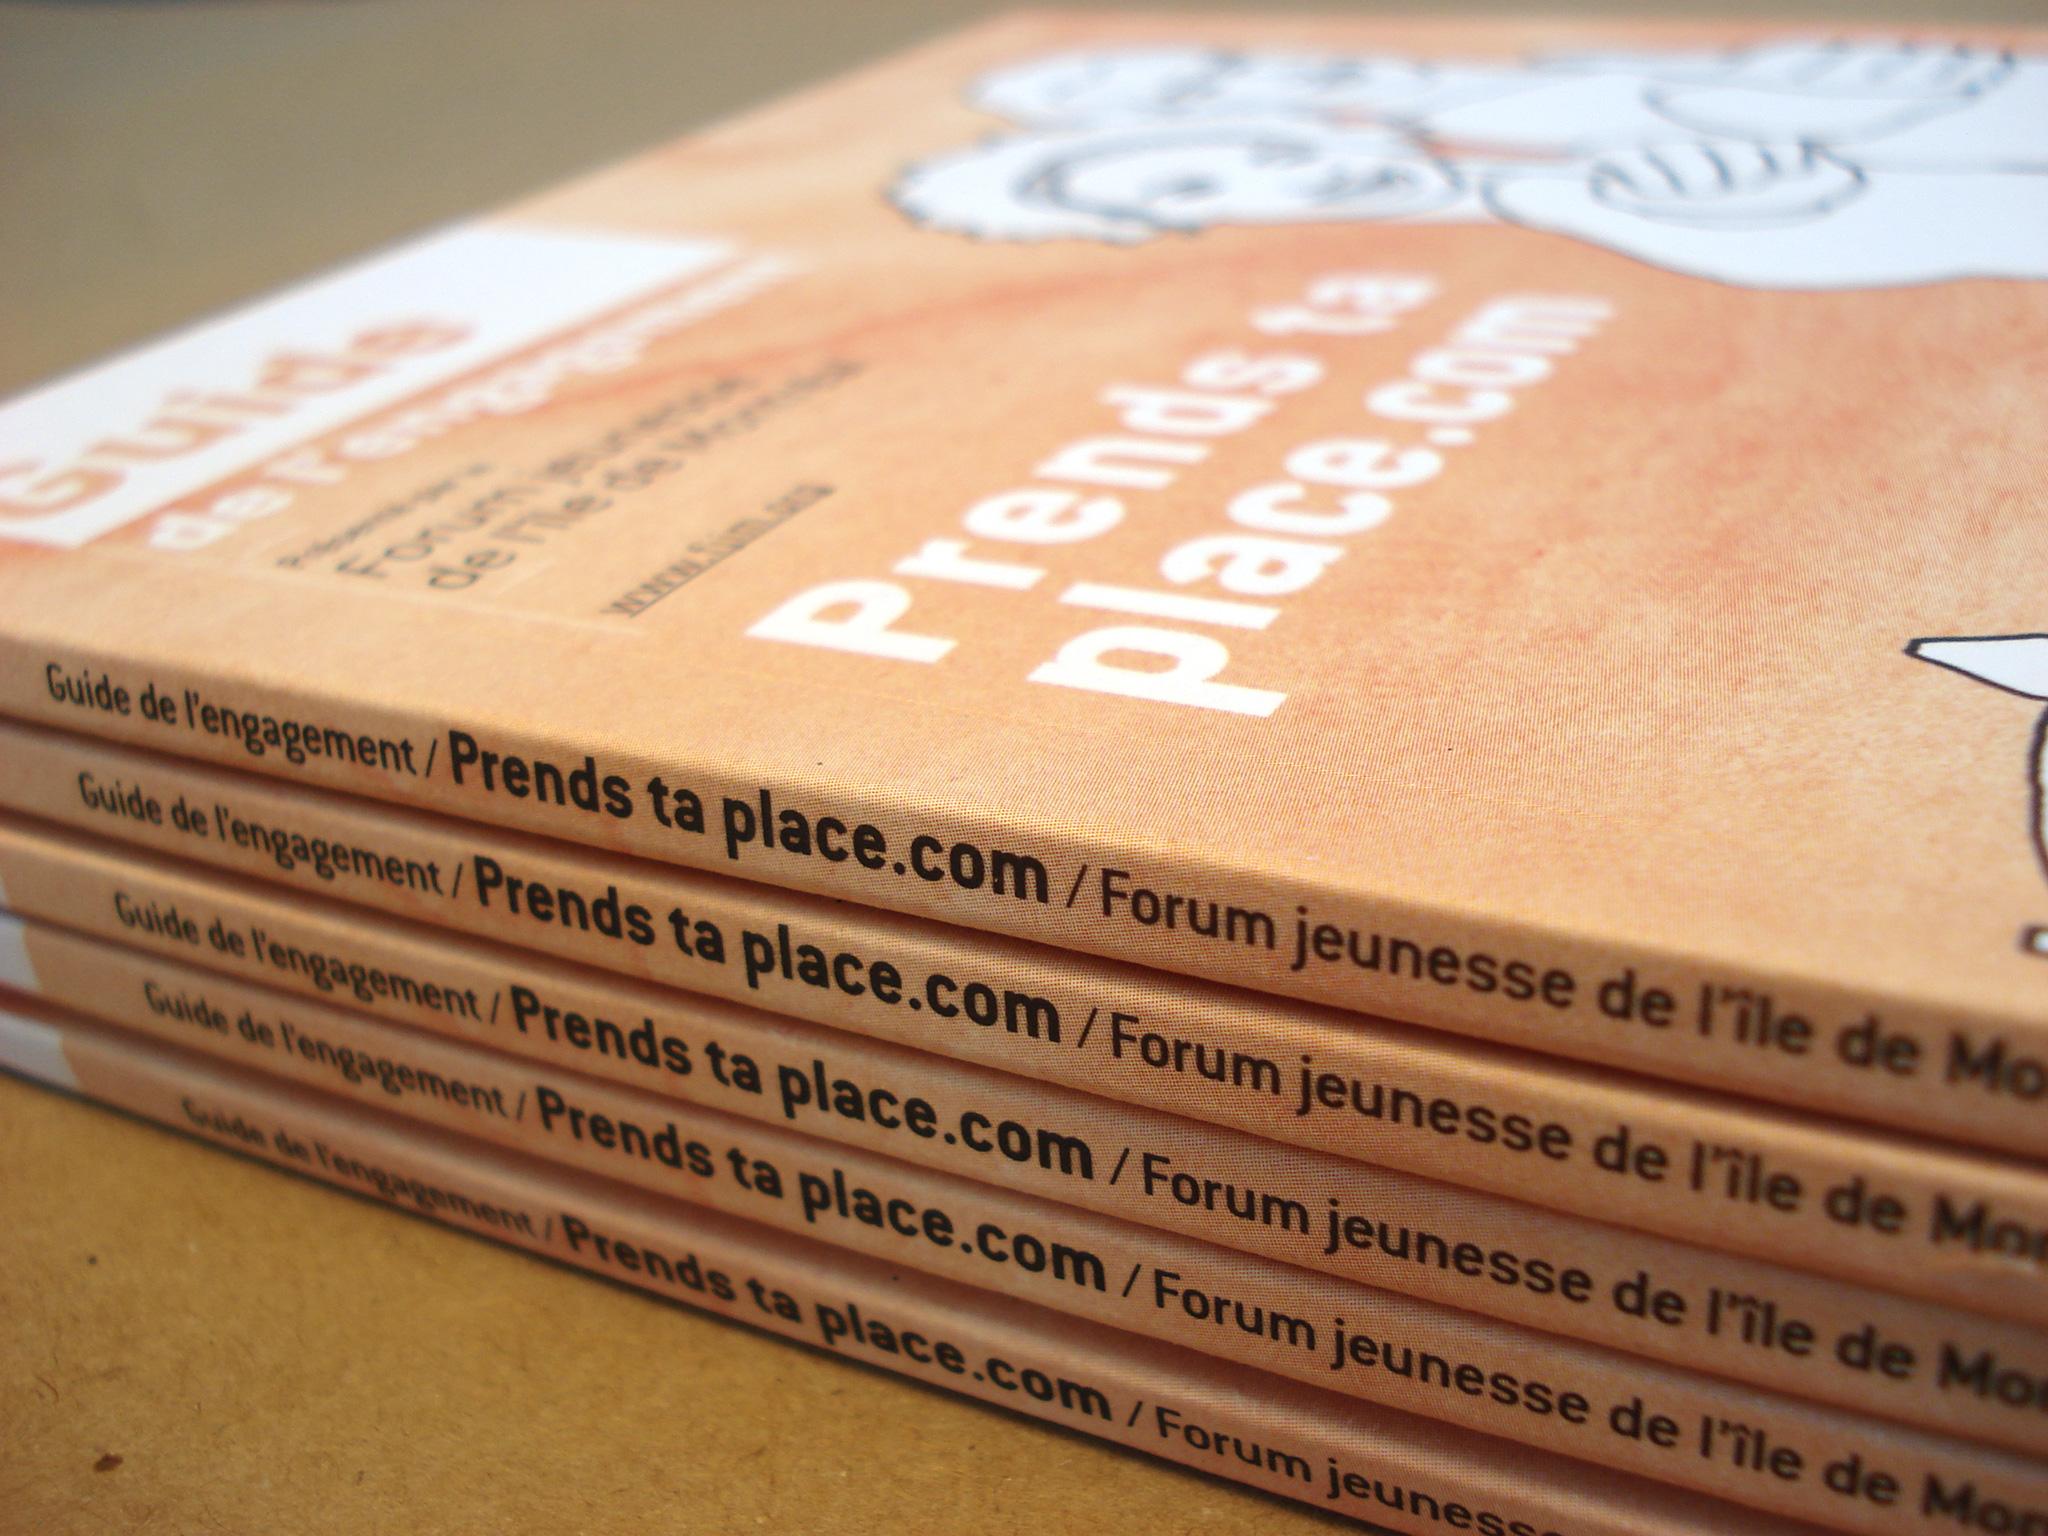 Visuel et grille graphique du Guide de l'engagement de Forum Jeunesse.